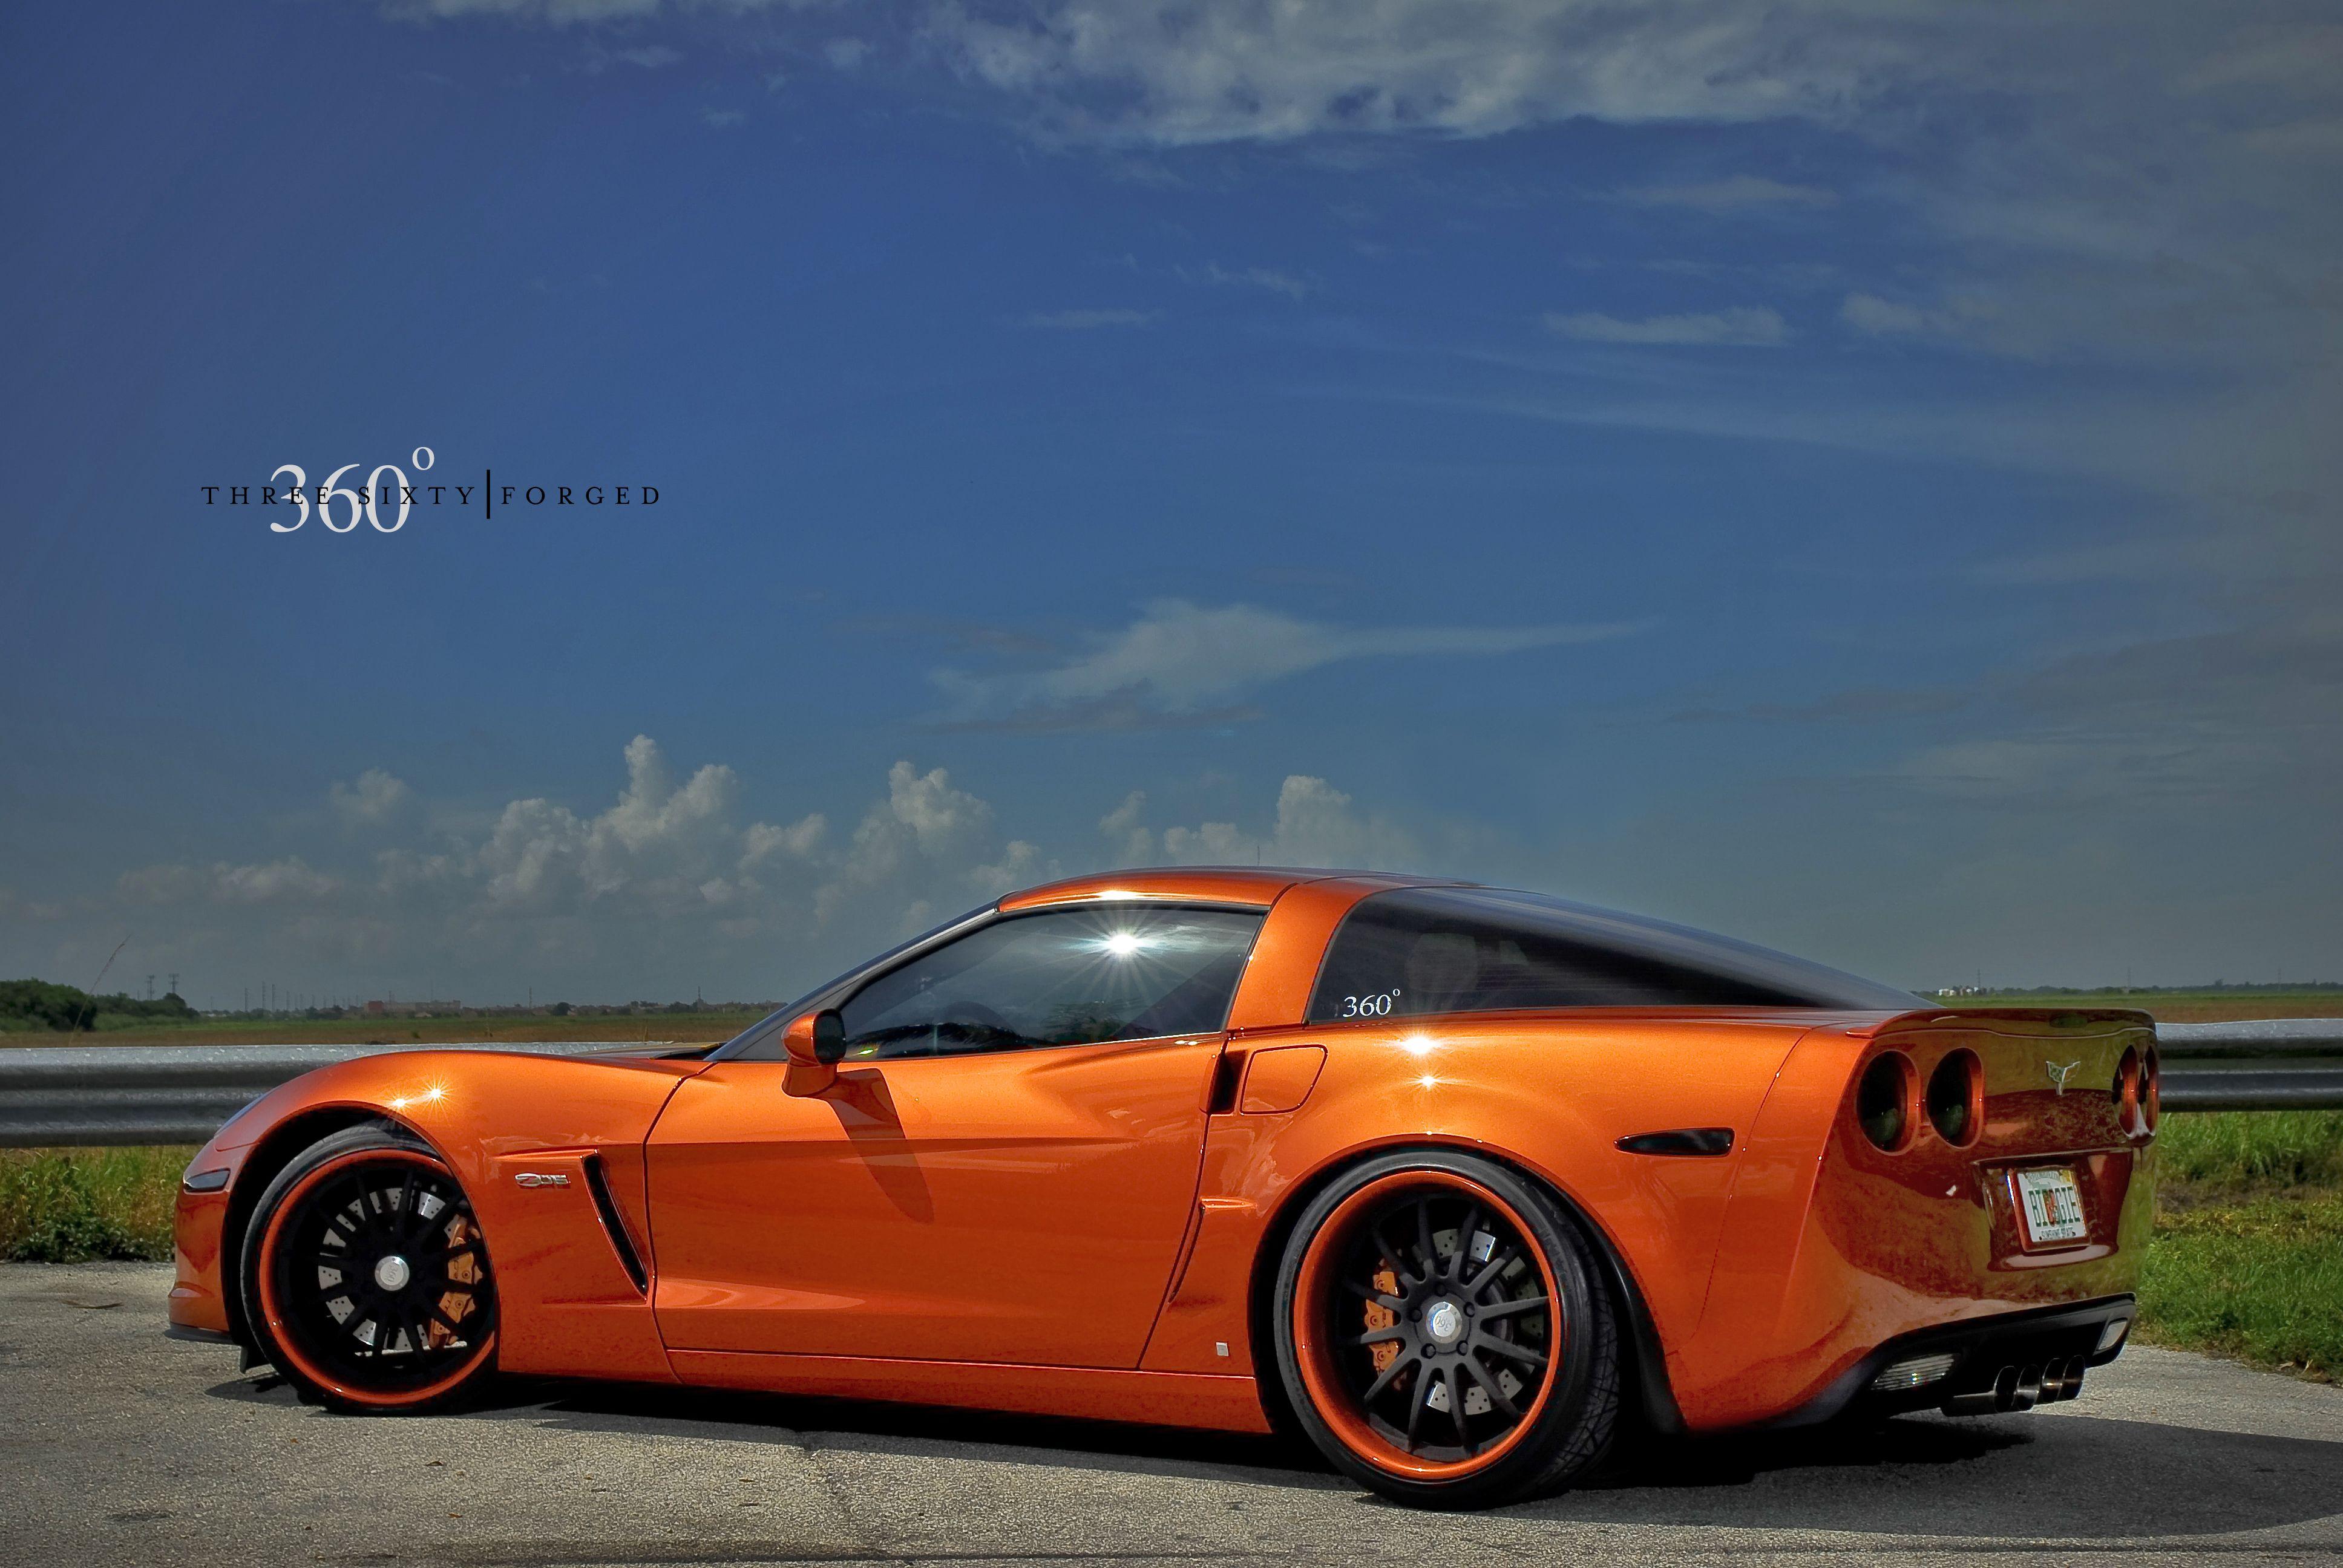 Corvette Z06 On 360forged Black Orange Lip Jpg 3872 2592 Chevrolet Corvette Corvette Corvette America